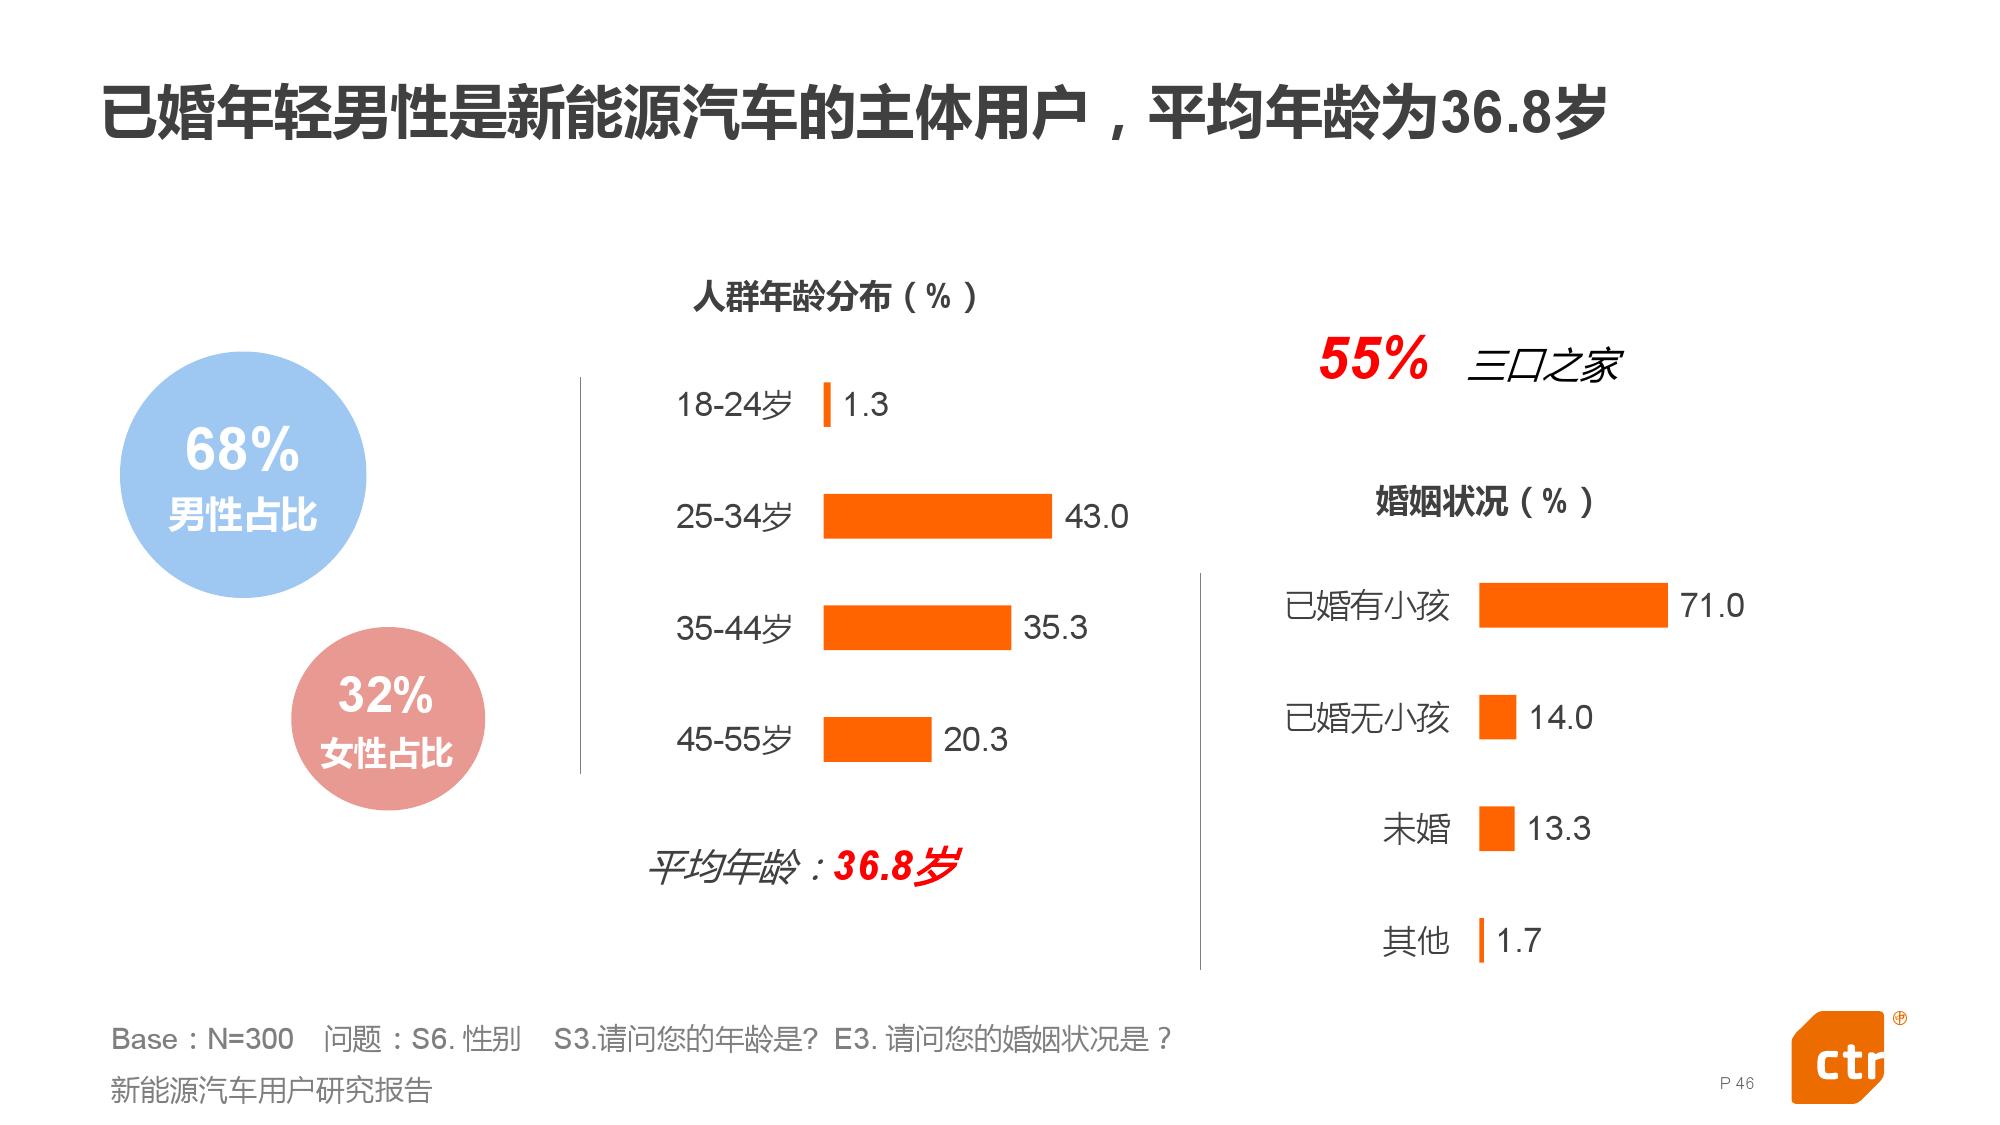 新能源汽车用户研究报告_000046